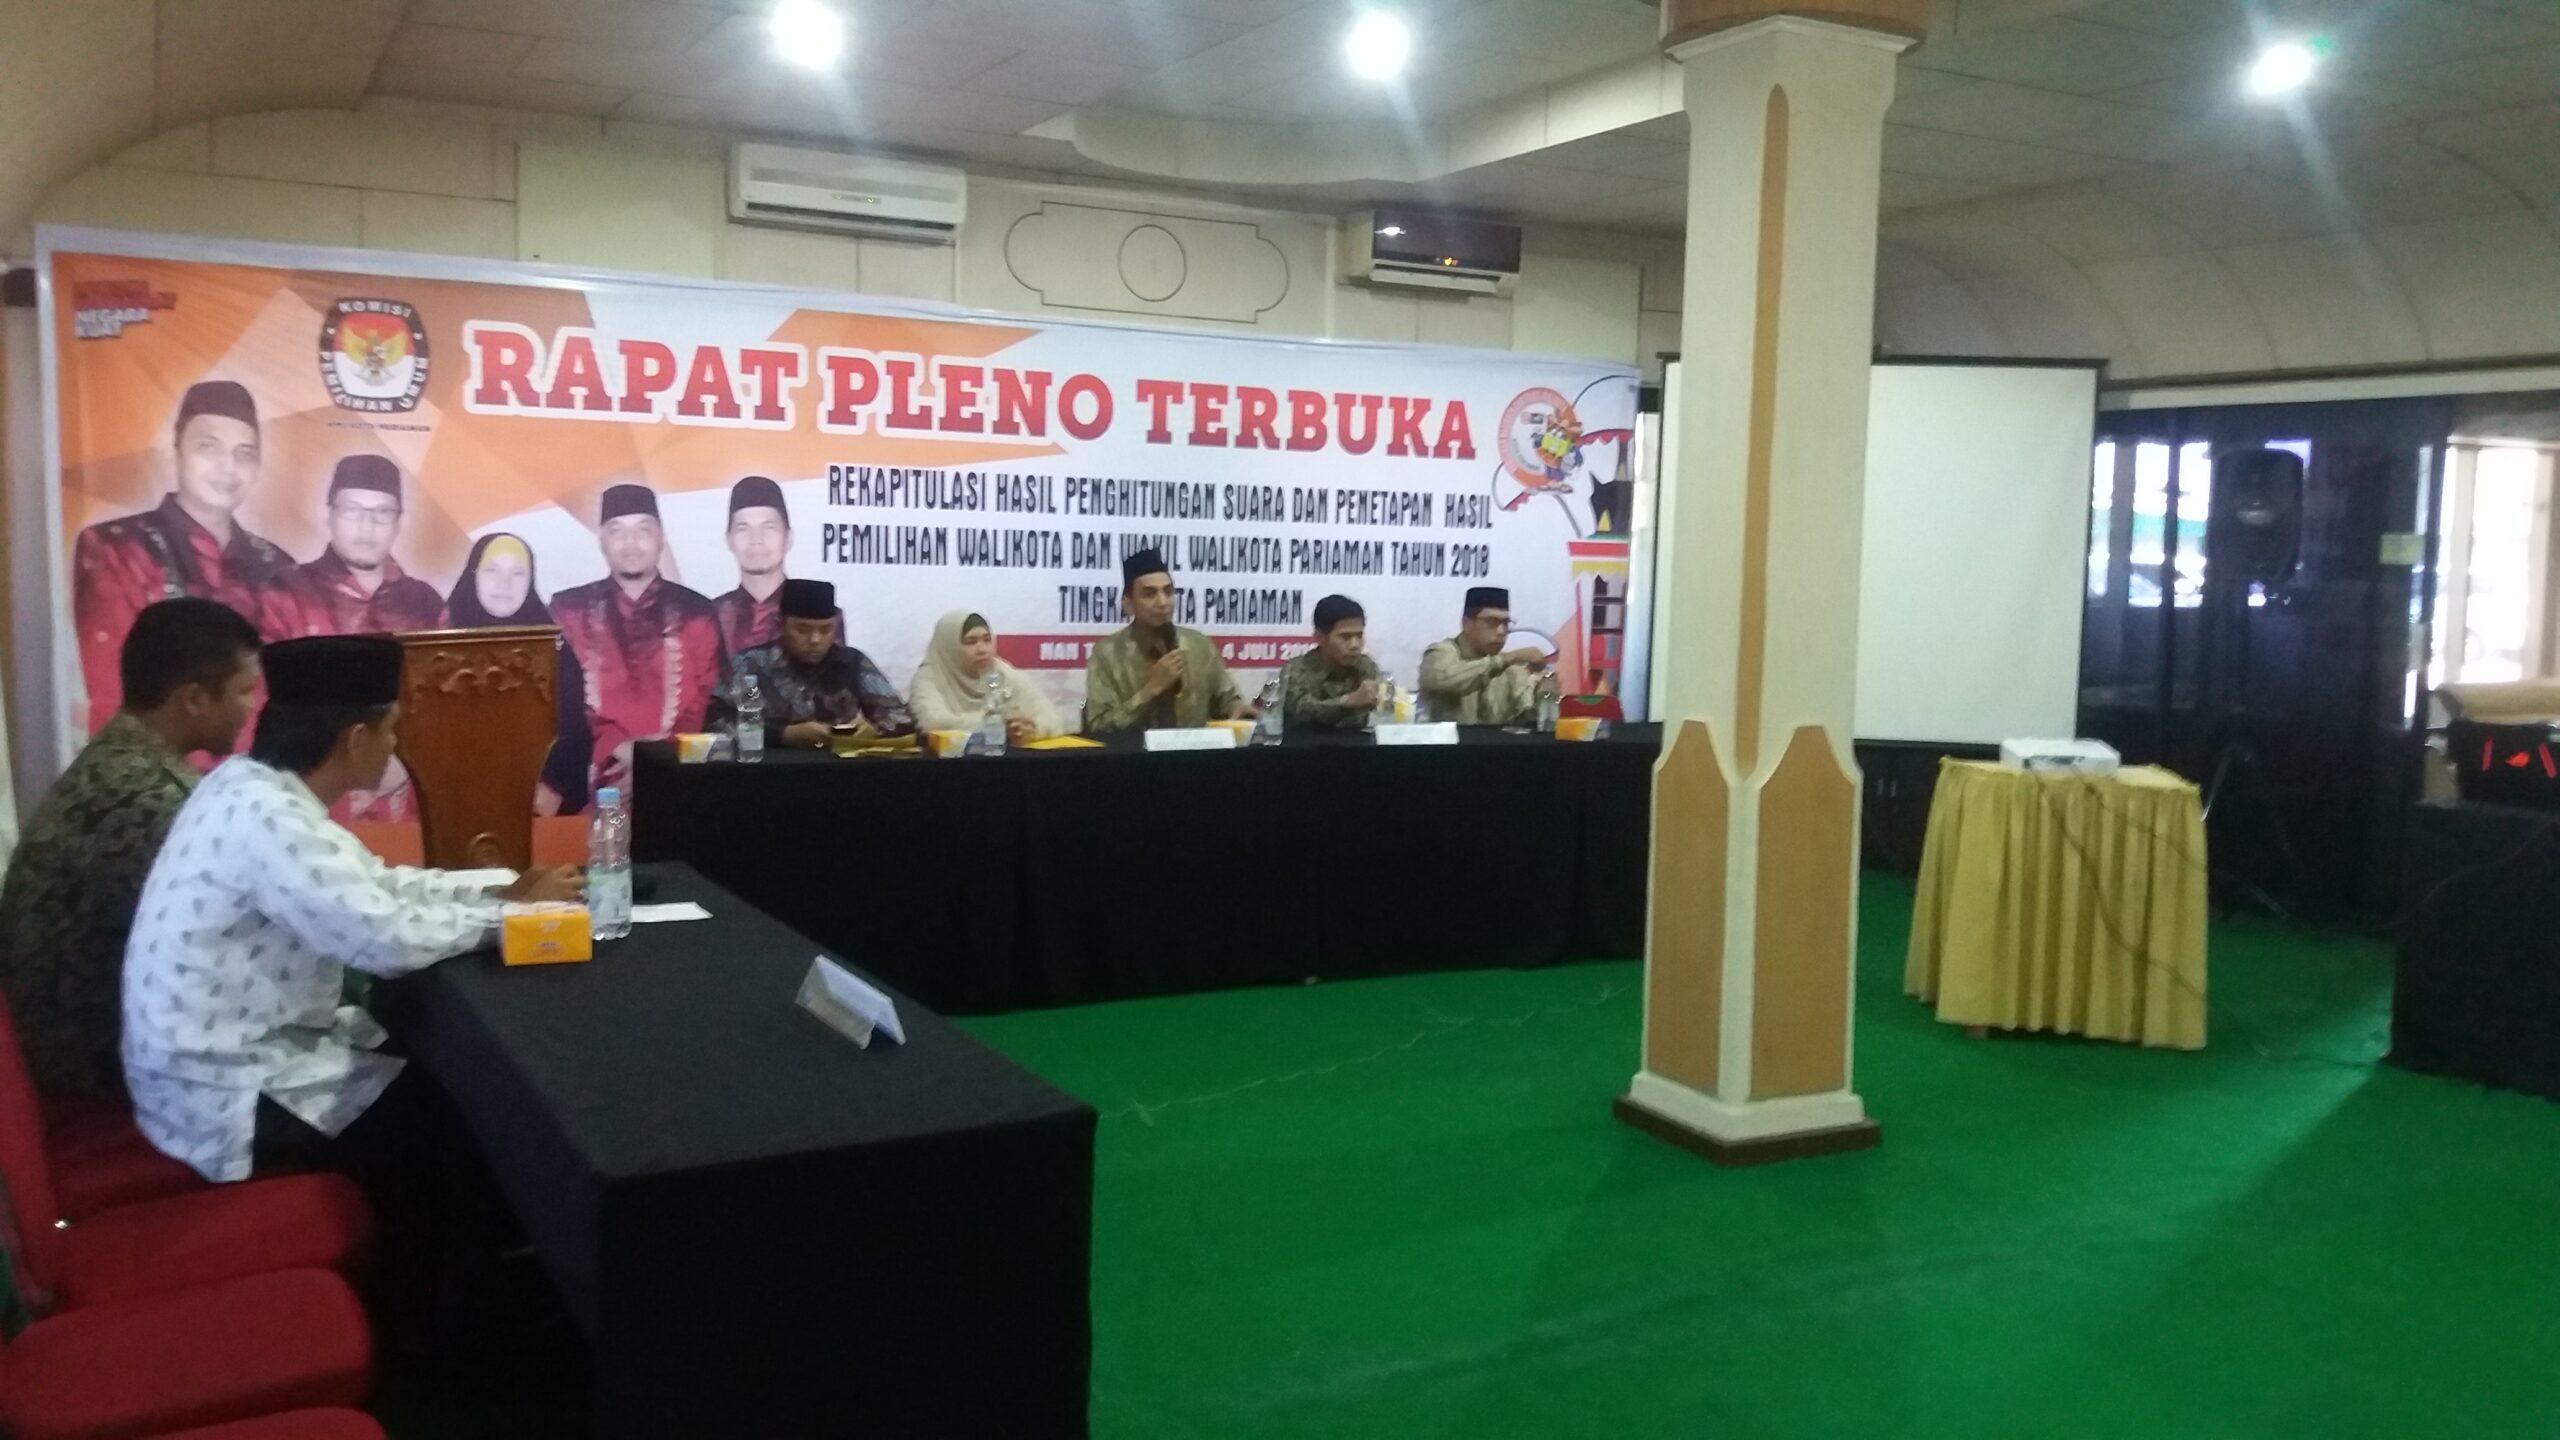 Rapat Pleno Rekapitulasi Suara Pilkada Kota Pariaman, Rabu 4 Juli 2018. Foto : Rizki Pratama